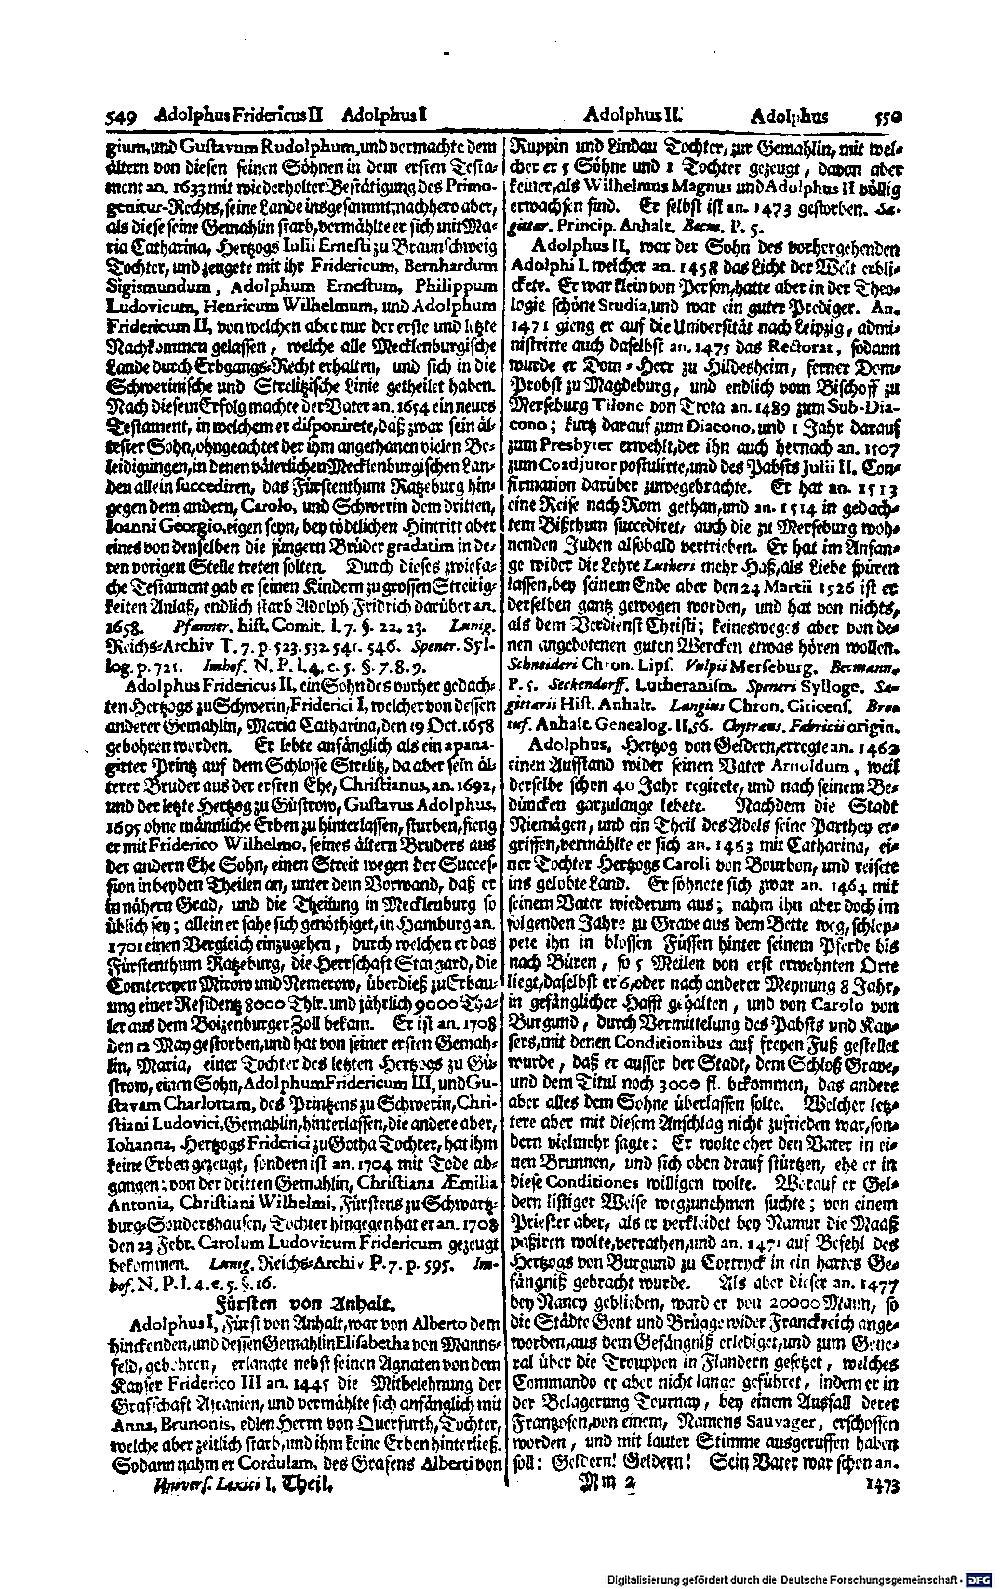 Bd. 01, Seite 0314.